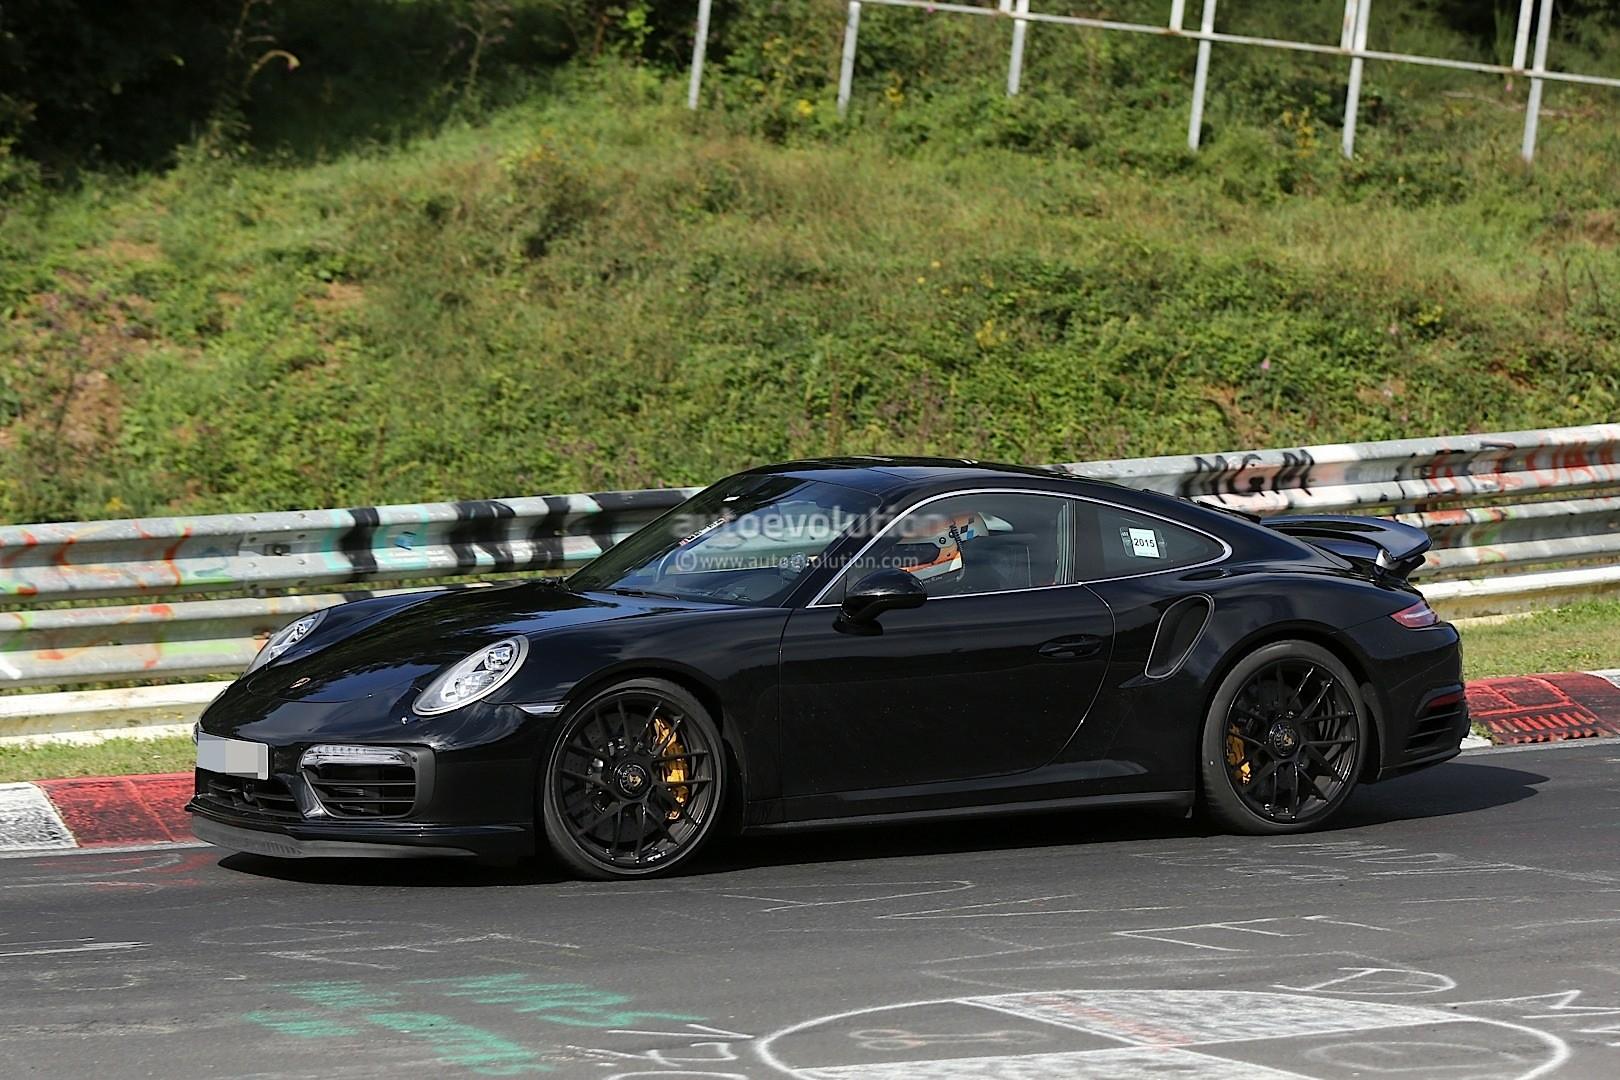 2016 porsche 911 turbo s facelift spyshot